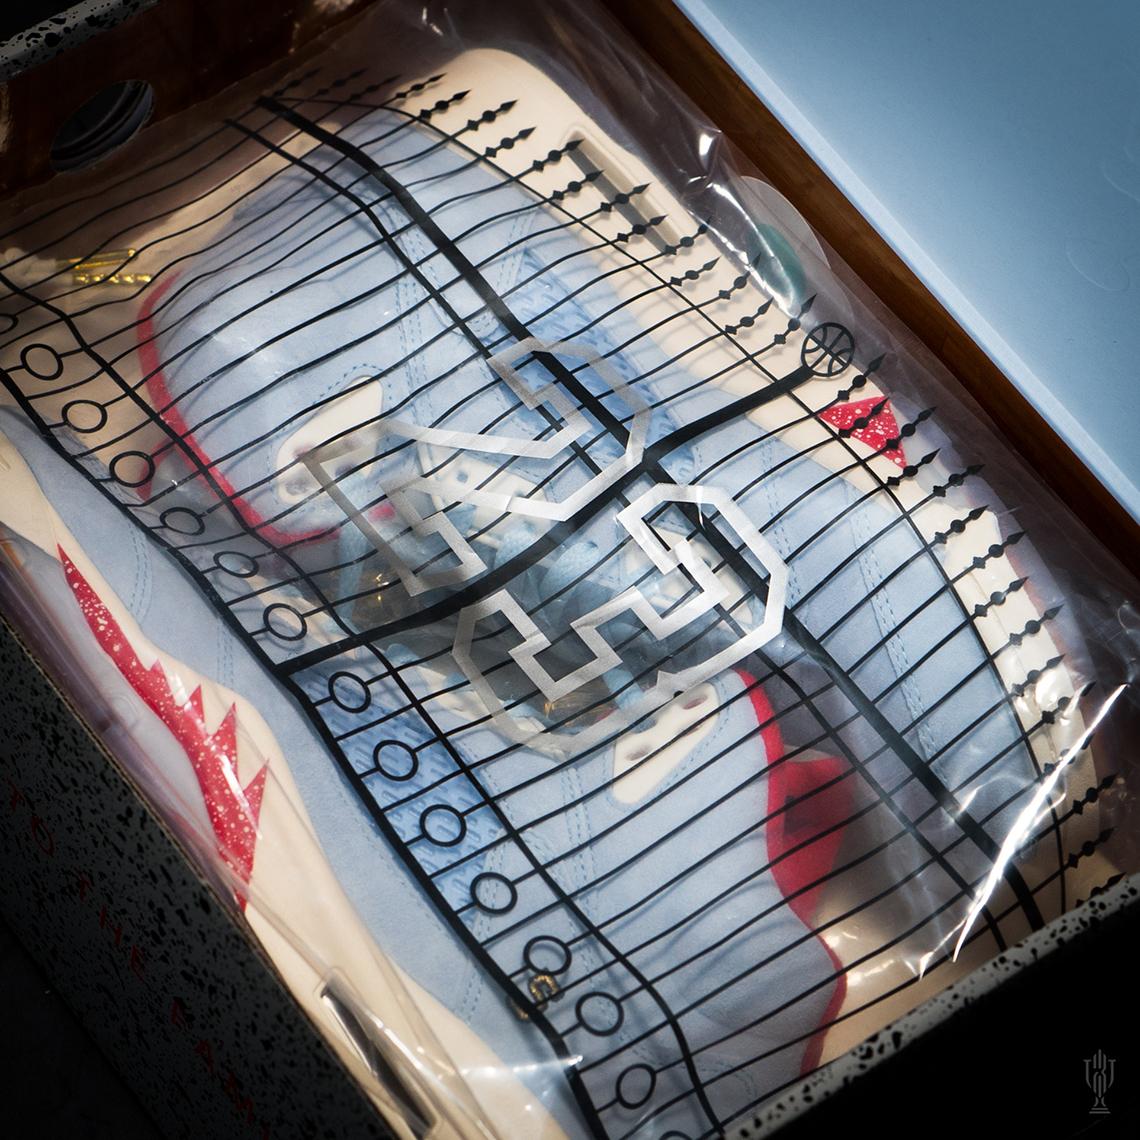 【超希少・26cm 】世界7000足限定 TROPHY ROOM × Air Jordan 5 Retro (ICE BLUE) トロフィールーム エアージョーダン 5 アイスブルー_画像5